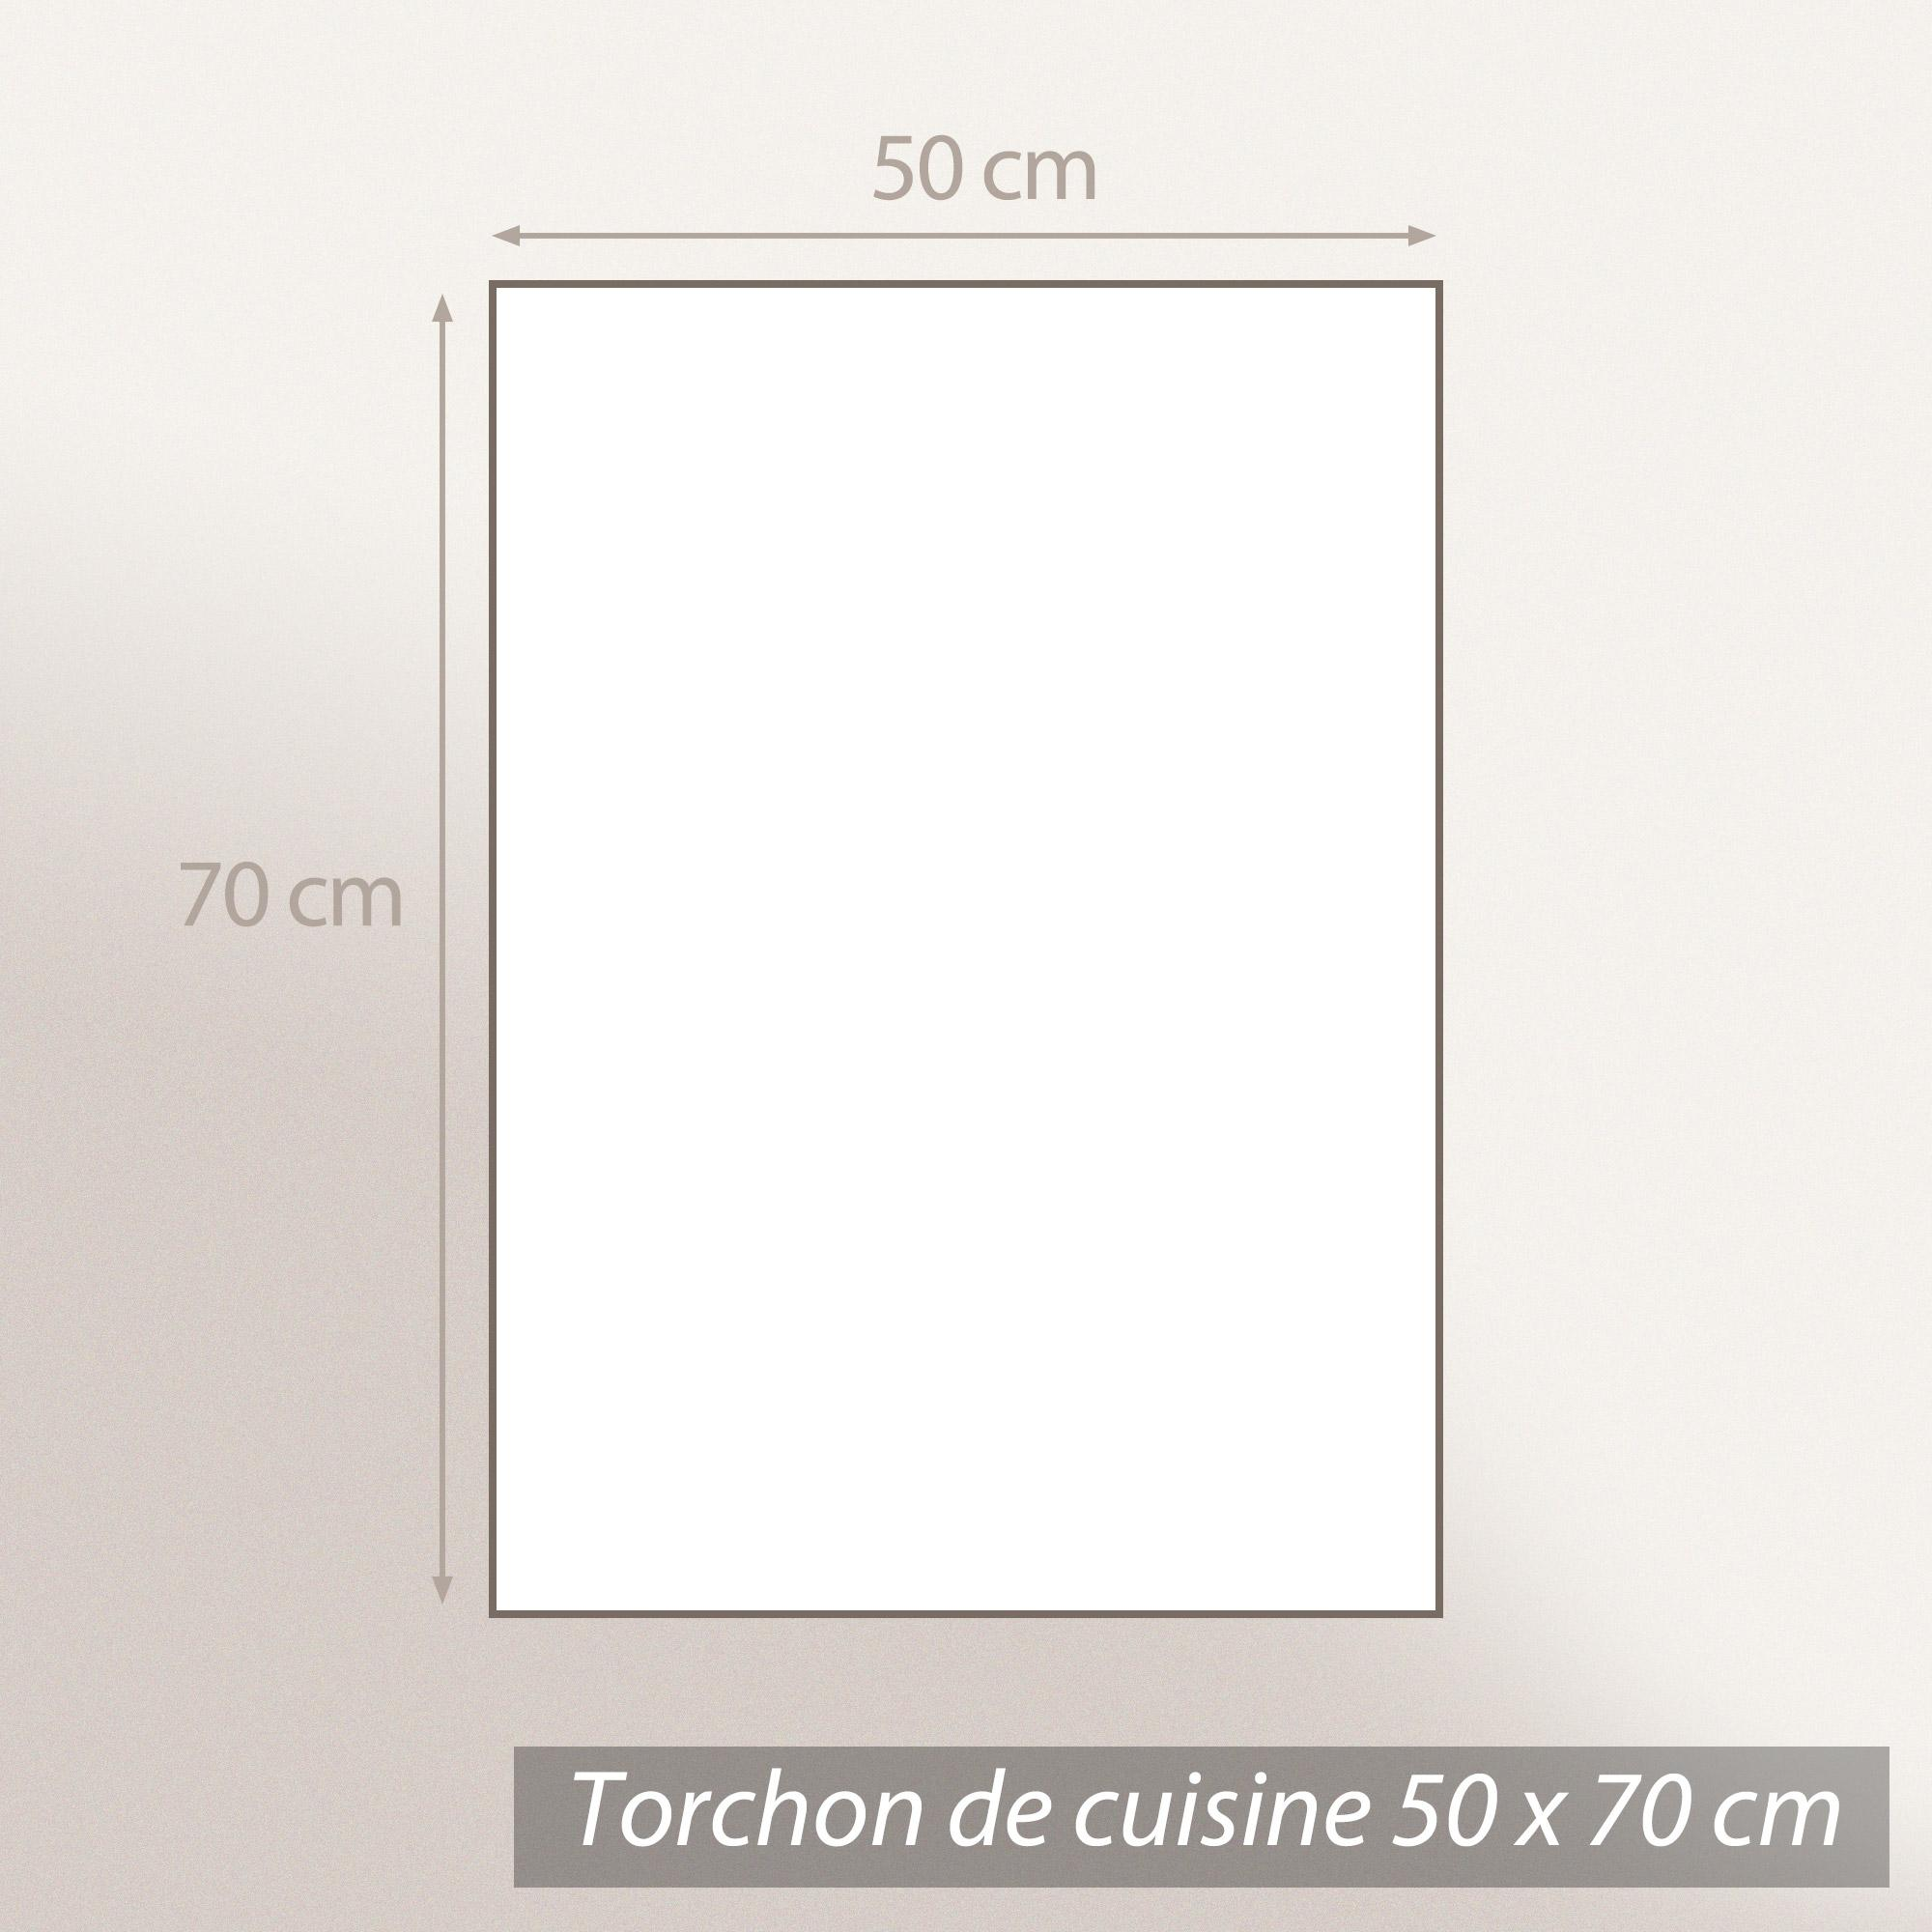 torchon de cuisine toile 50x70 cm line bleu linnea vente. Black Bedroom Furniture Sets. Home Design Ideas